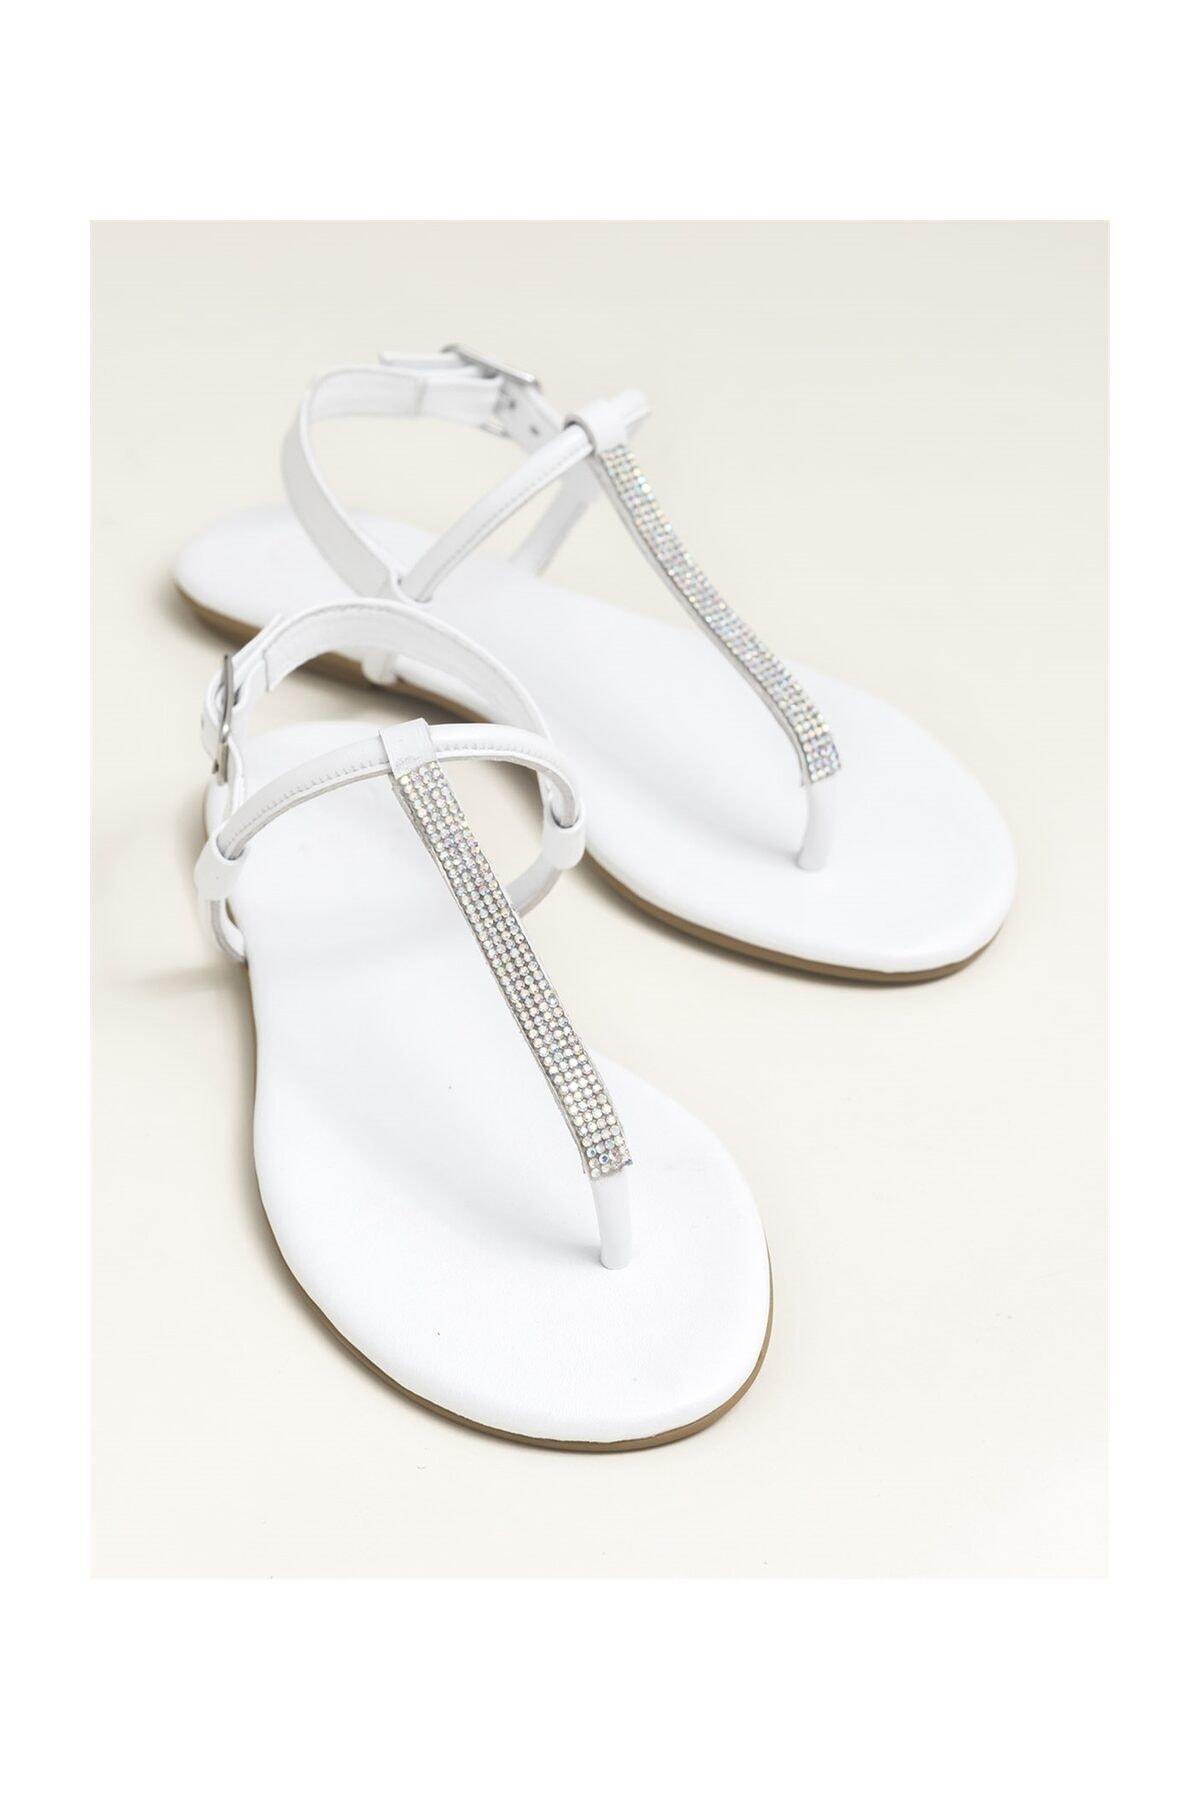 Elle Shoes ROSALINA Hakiki Deri Beyaz Kadın Sandalet 20YLT443029 1